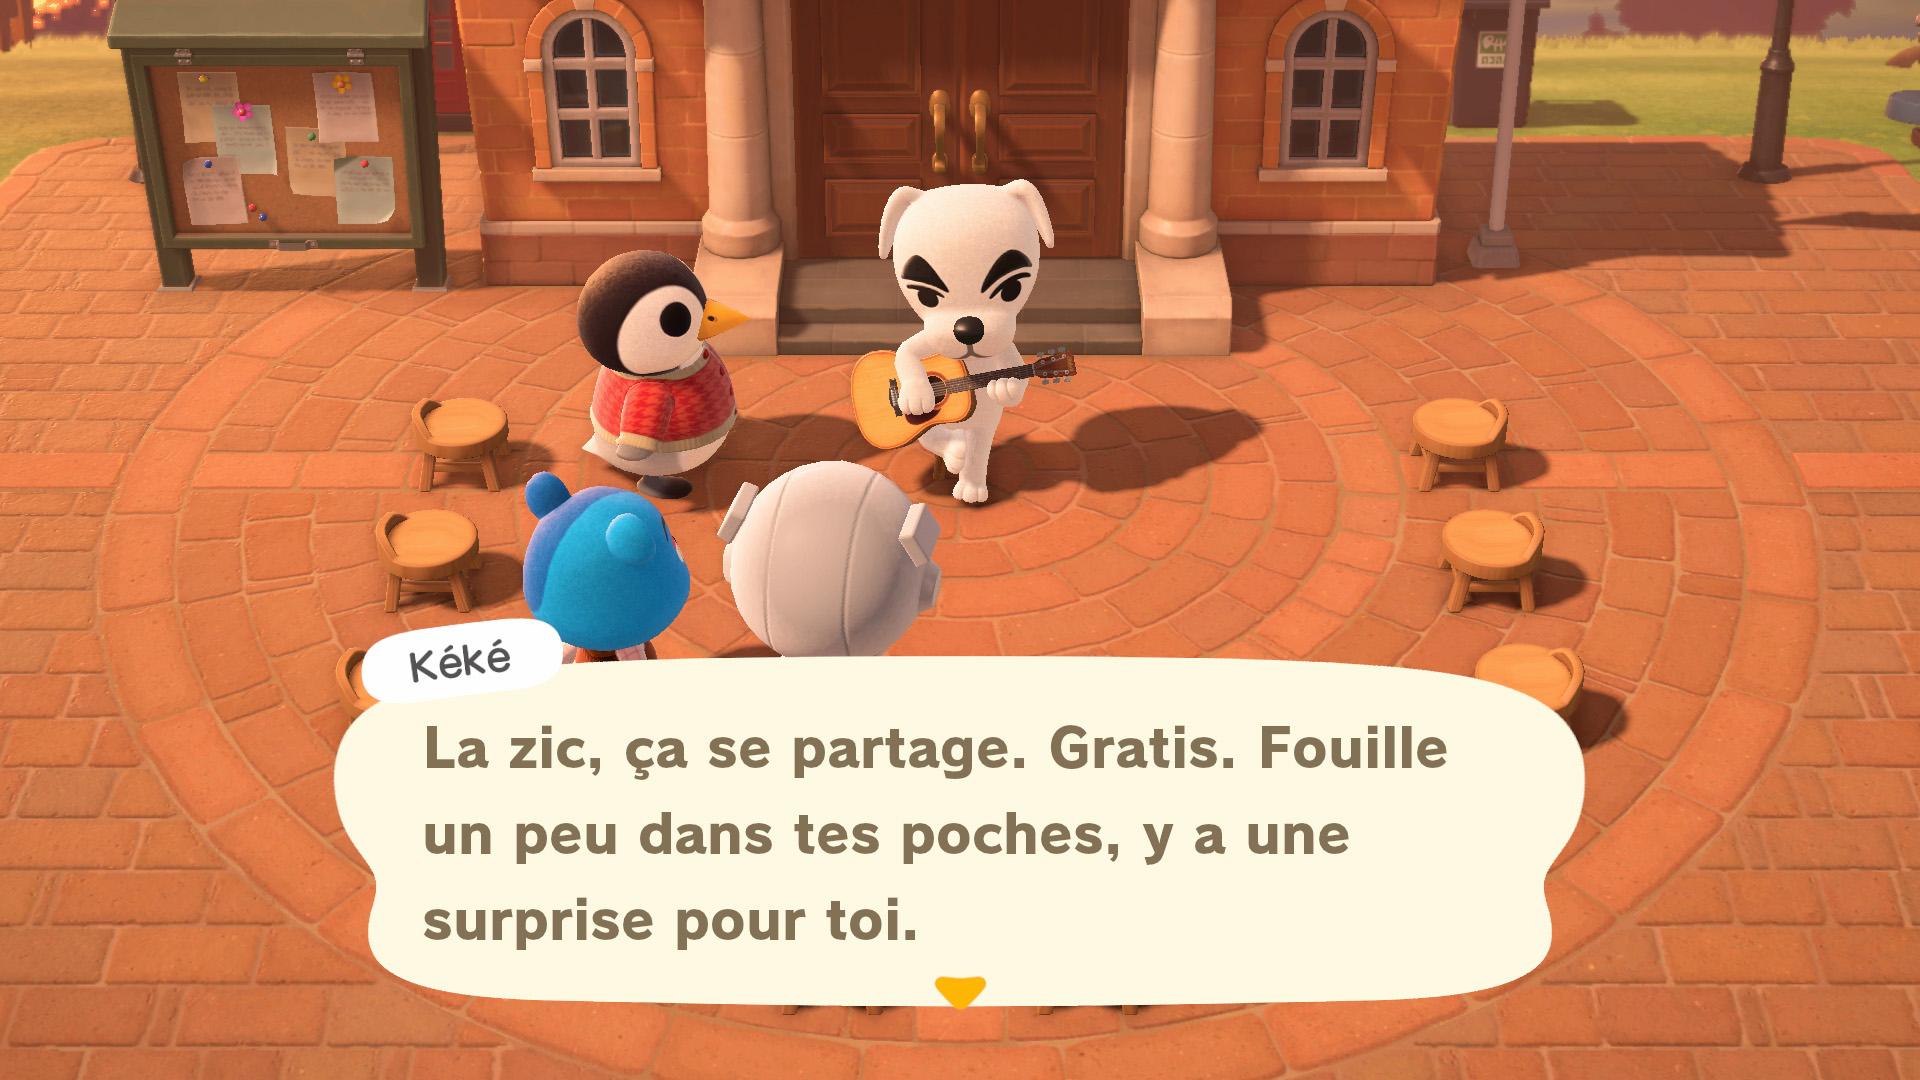 Avoir Des Chansons De Kéké Gratuites | Guide Animal Crossing concernant Chanson Pour Les Animaux